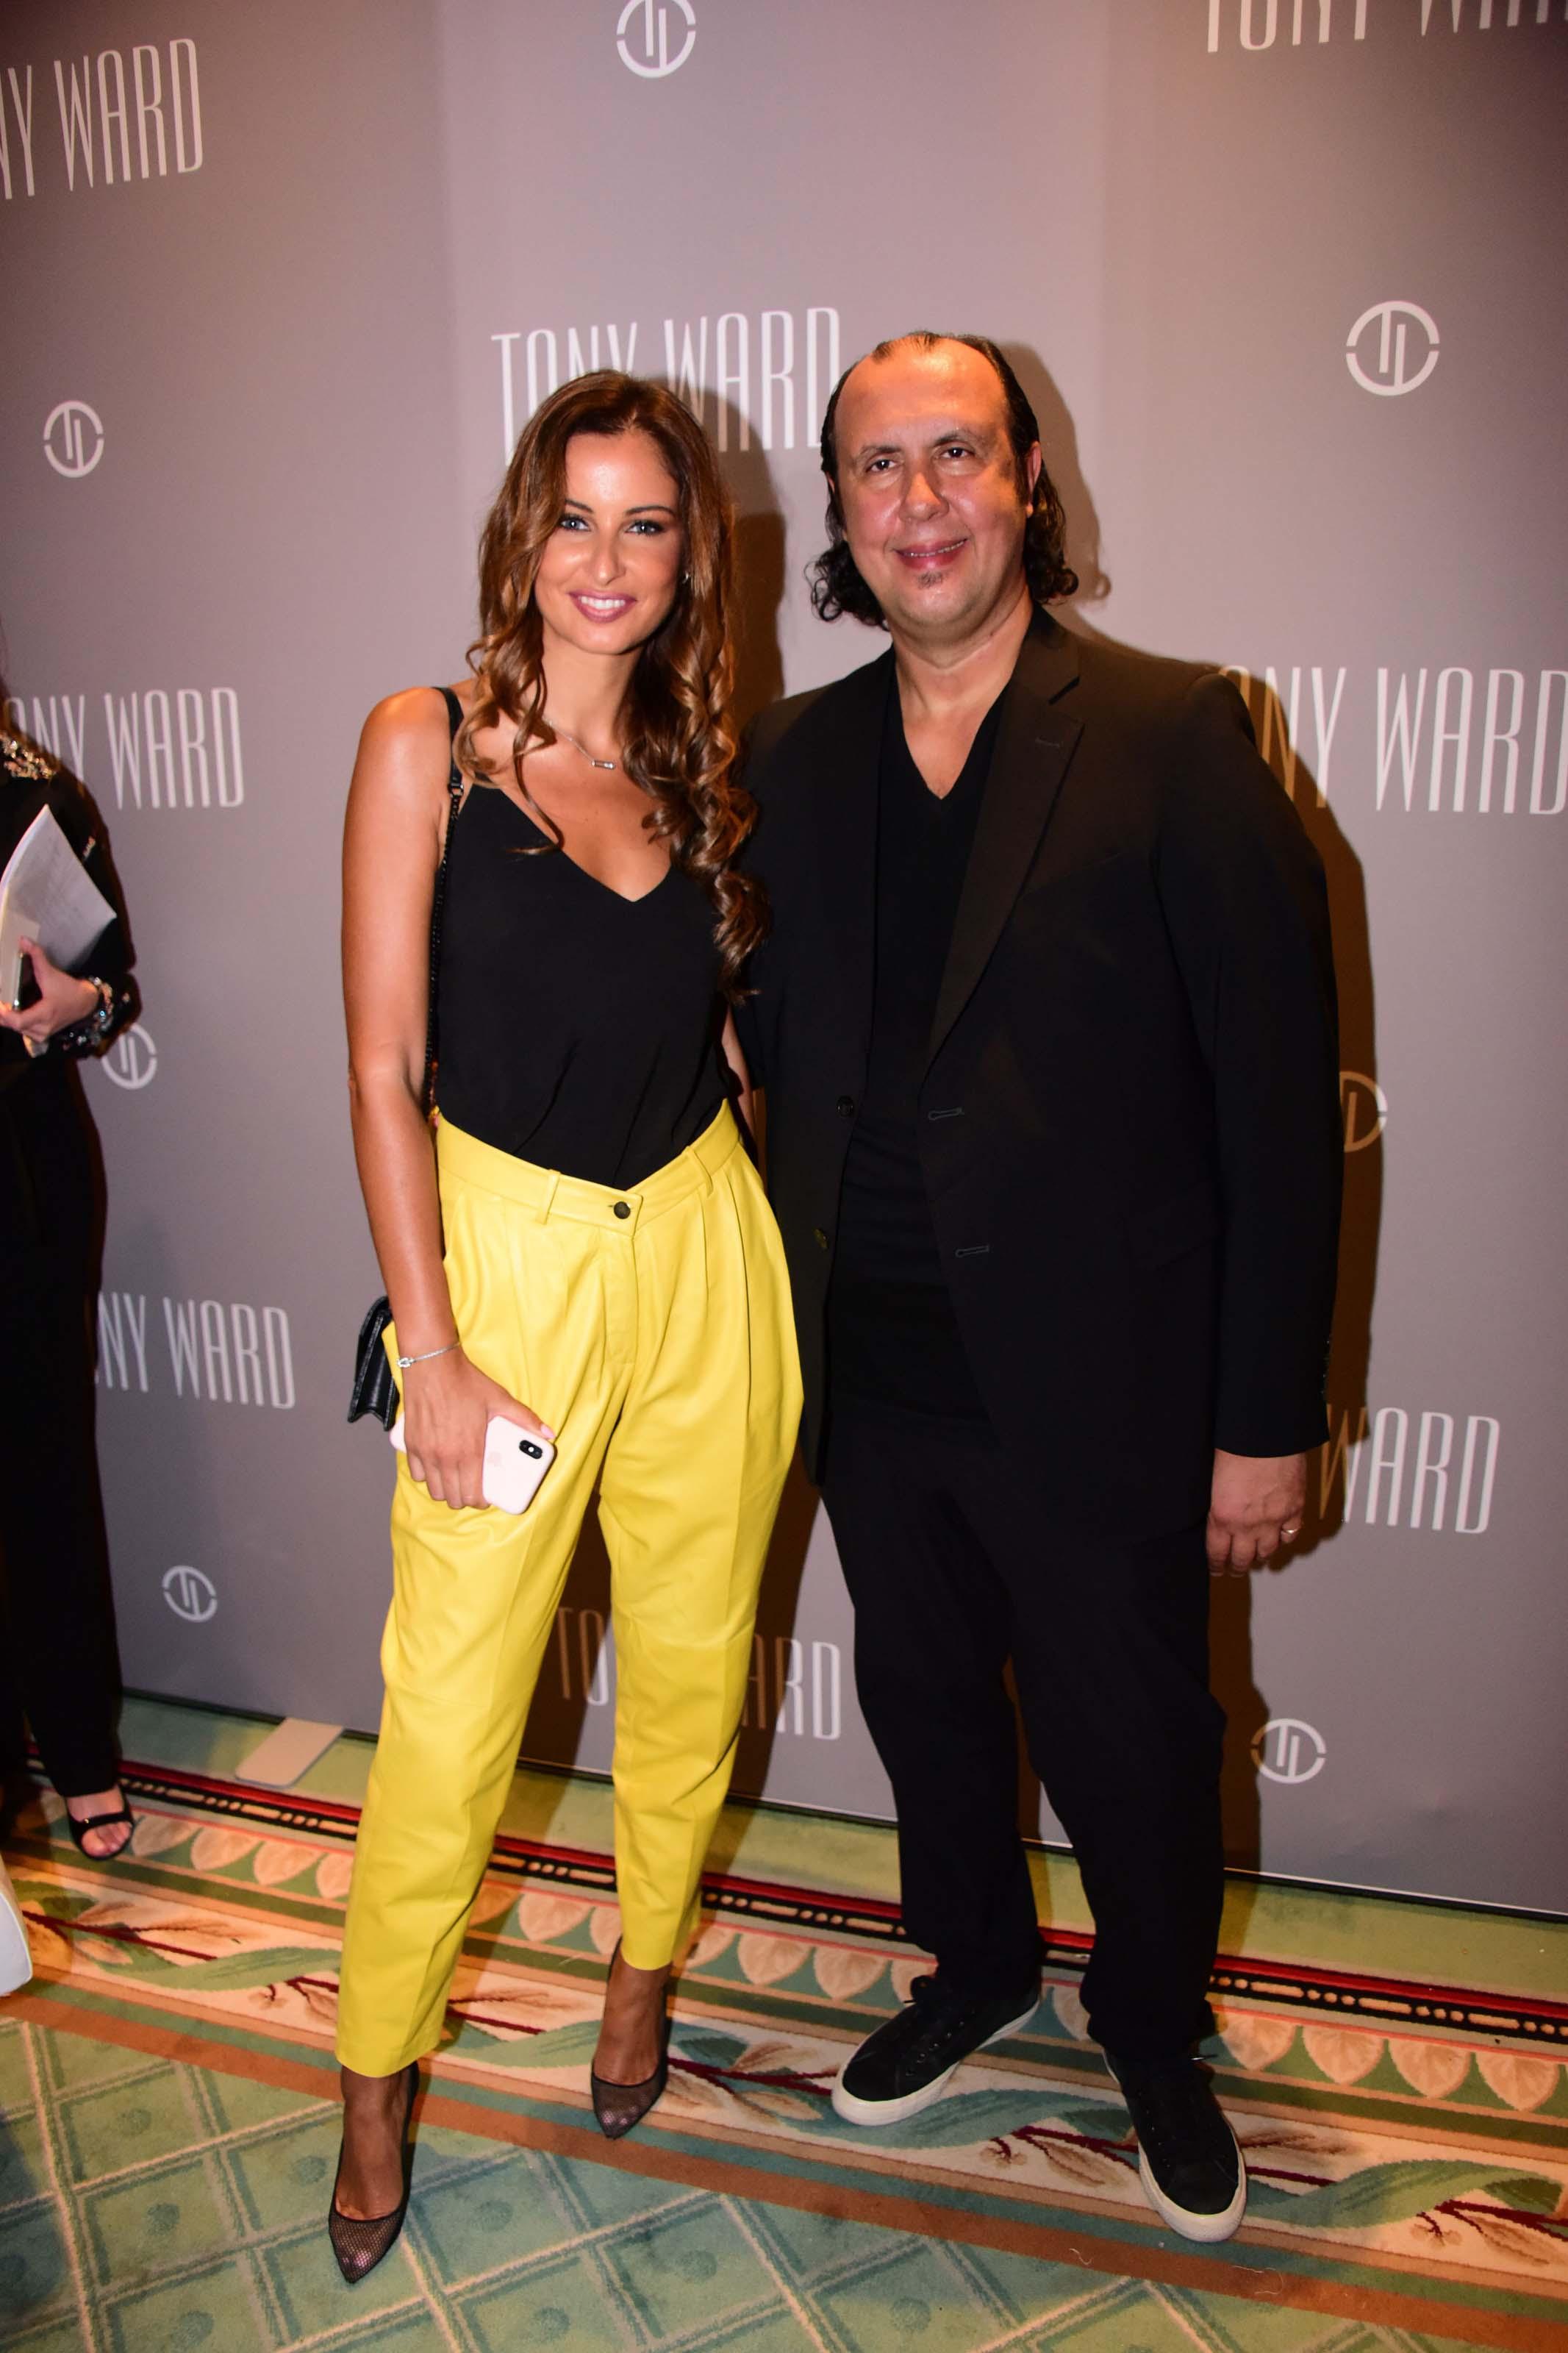 Malika Menard attending the Tony Ward show